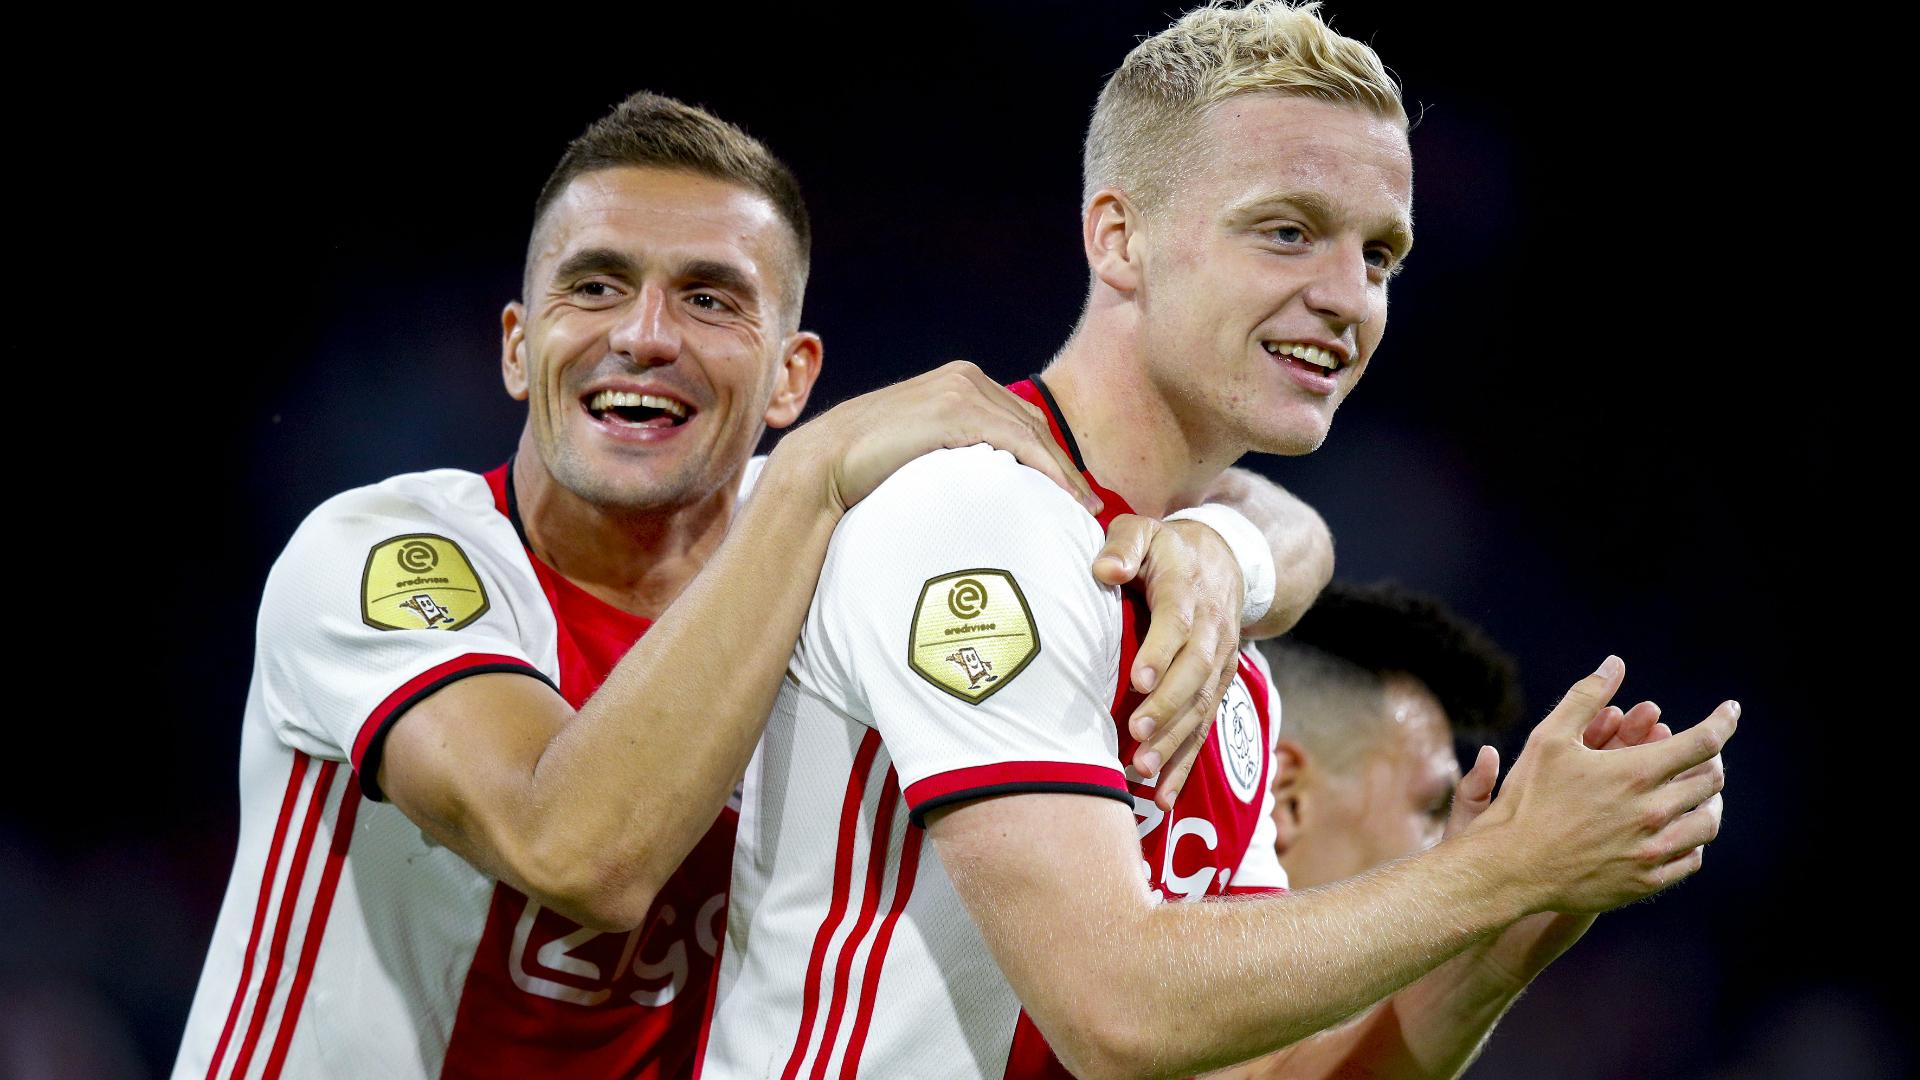 Ligue des Champions - L'Ajax passe, Porto renversé par Krasnodar : les résultats du 3e tour préliminaire et le calendrier des barrages